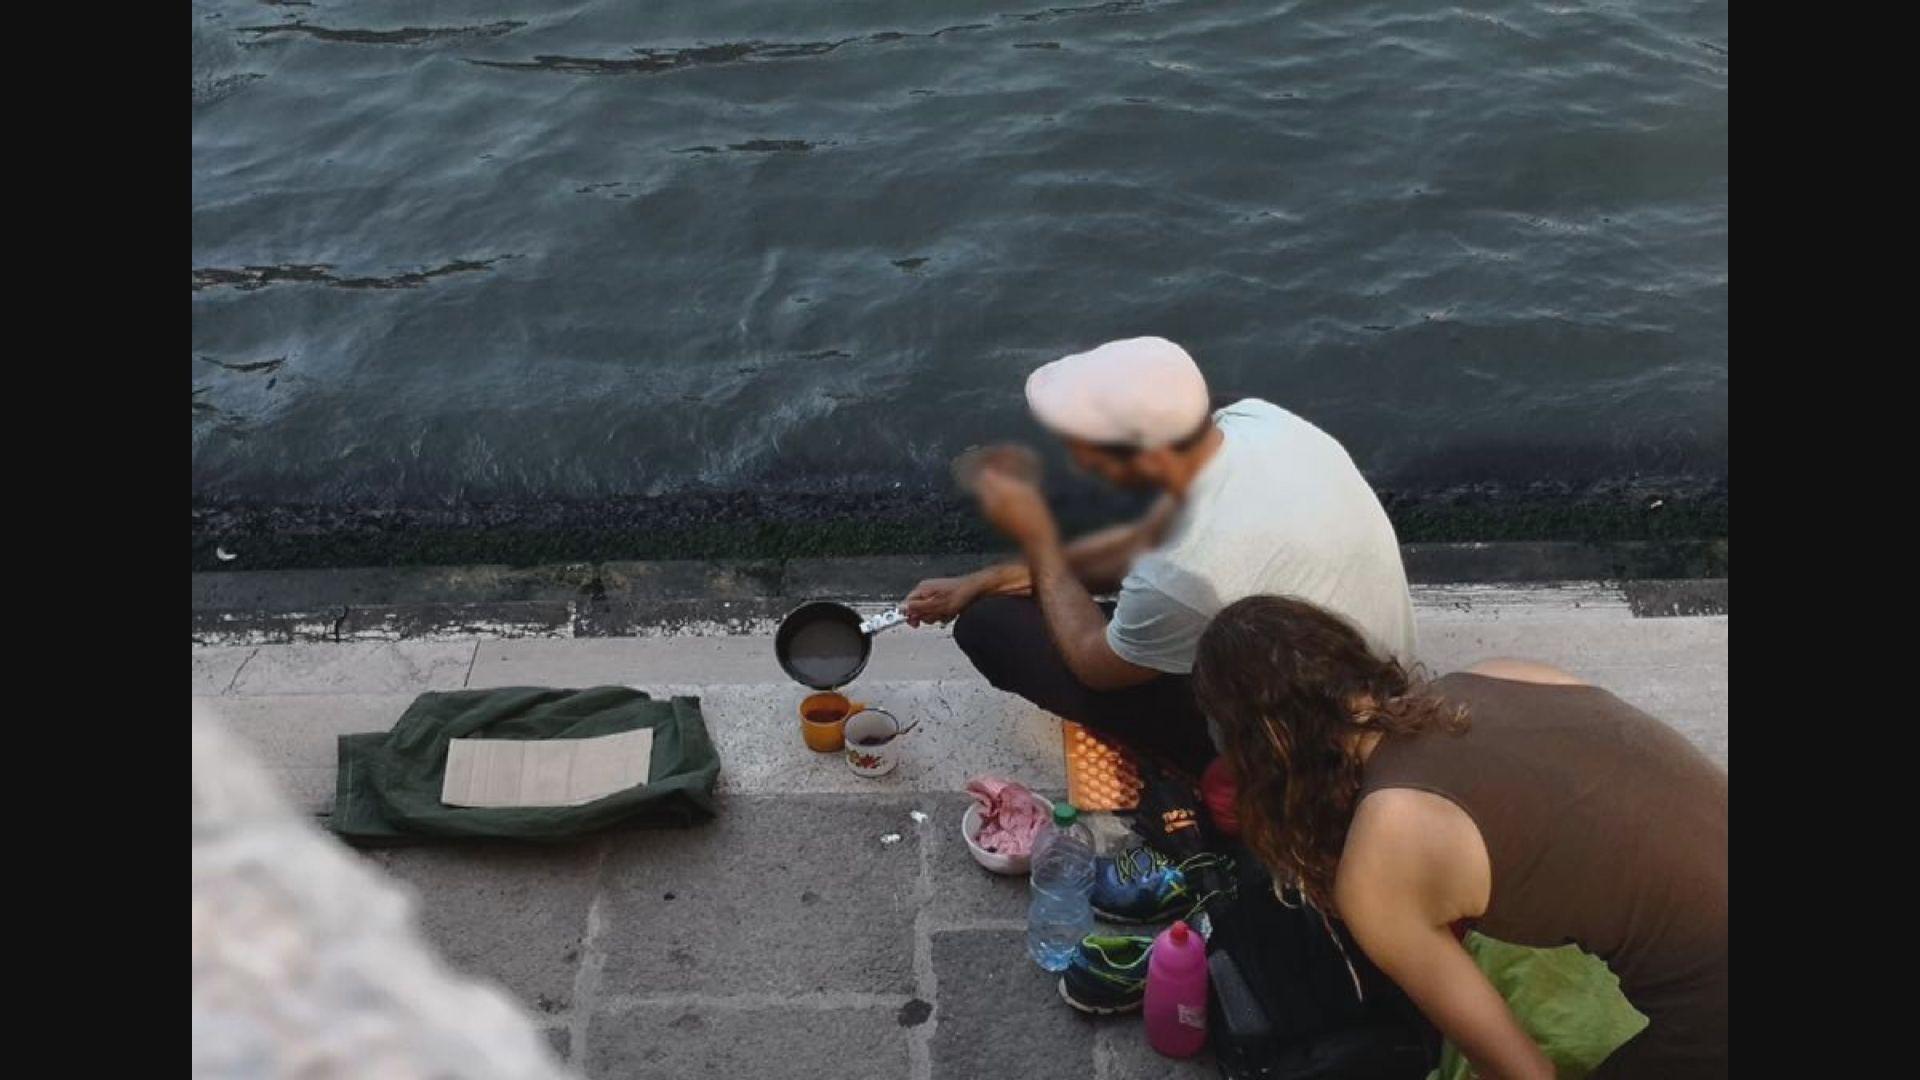 威尼斯有遊客在景點煮咖啡被罰款